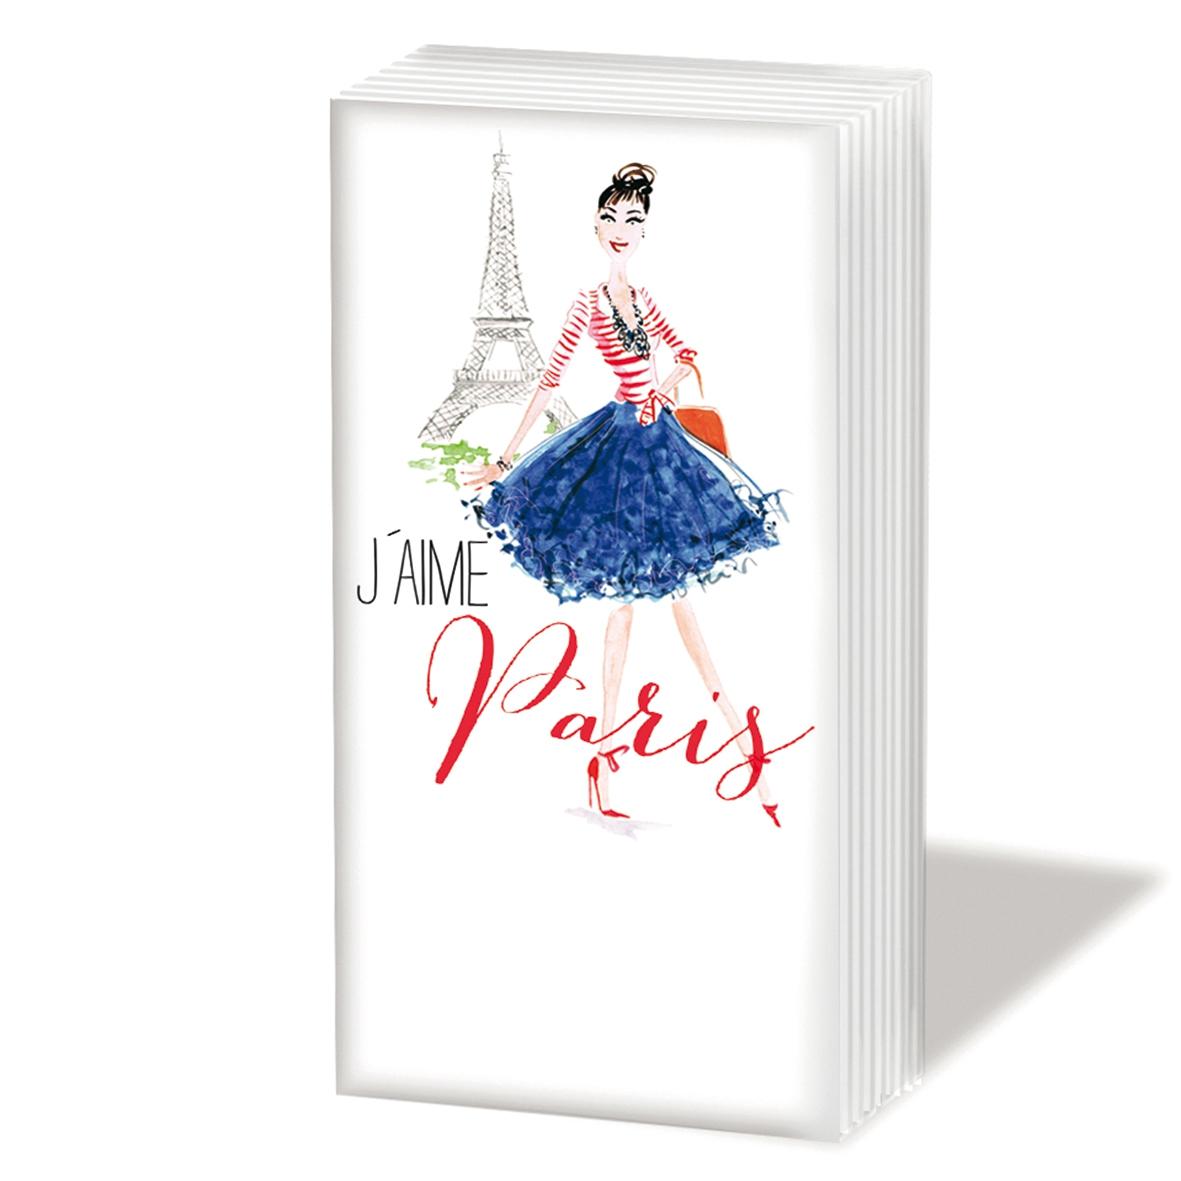 Taschentücher Paris City Girl,  Regionen,  Everyday,  bedruckte papiertaschentücher,  Paris